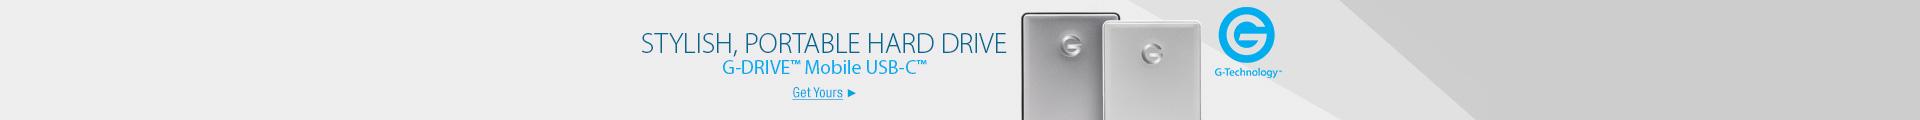 Stylish, portable hard drive